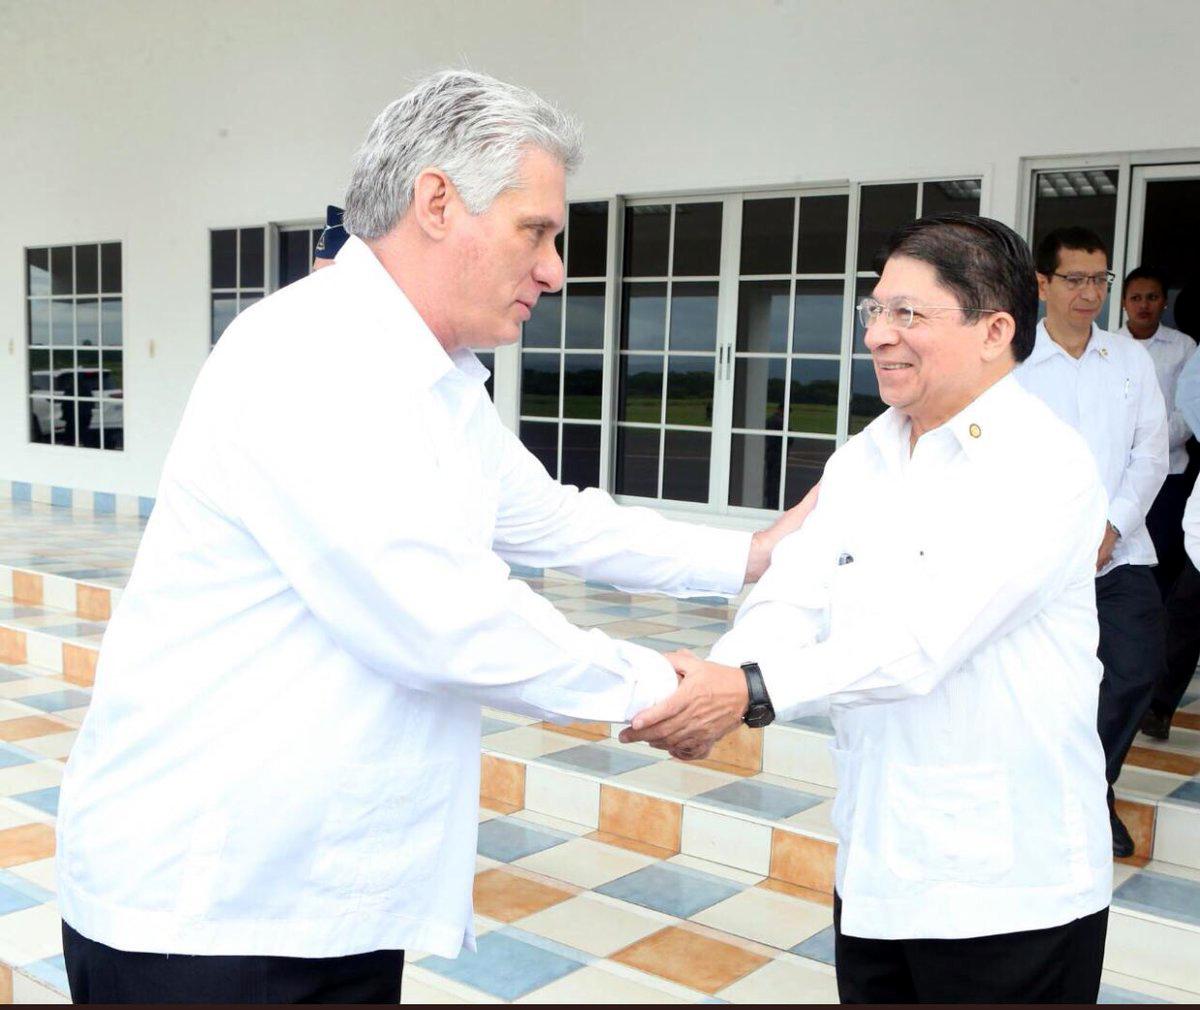 Presente Cuba en celebración de efemérides patria en Nicaragua (+ fotos)